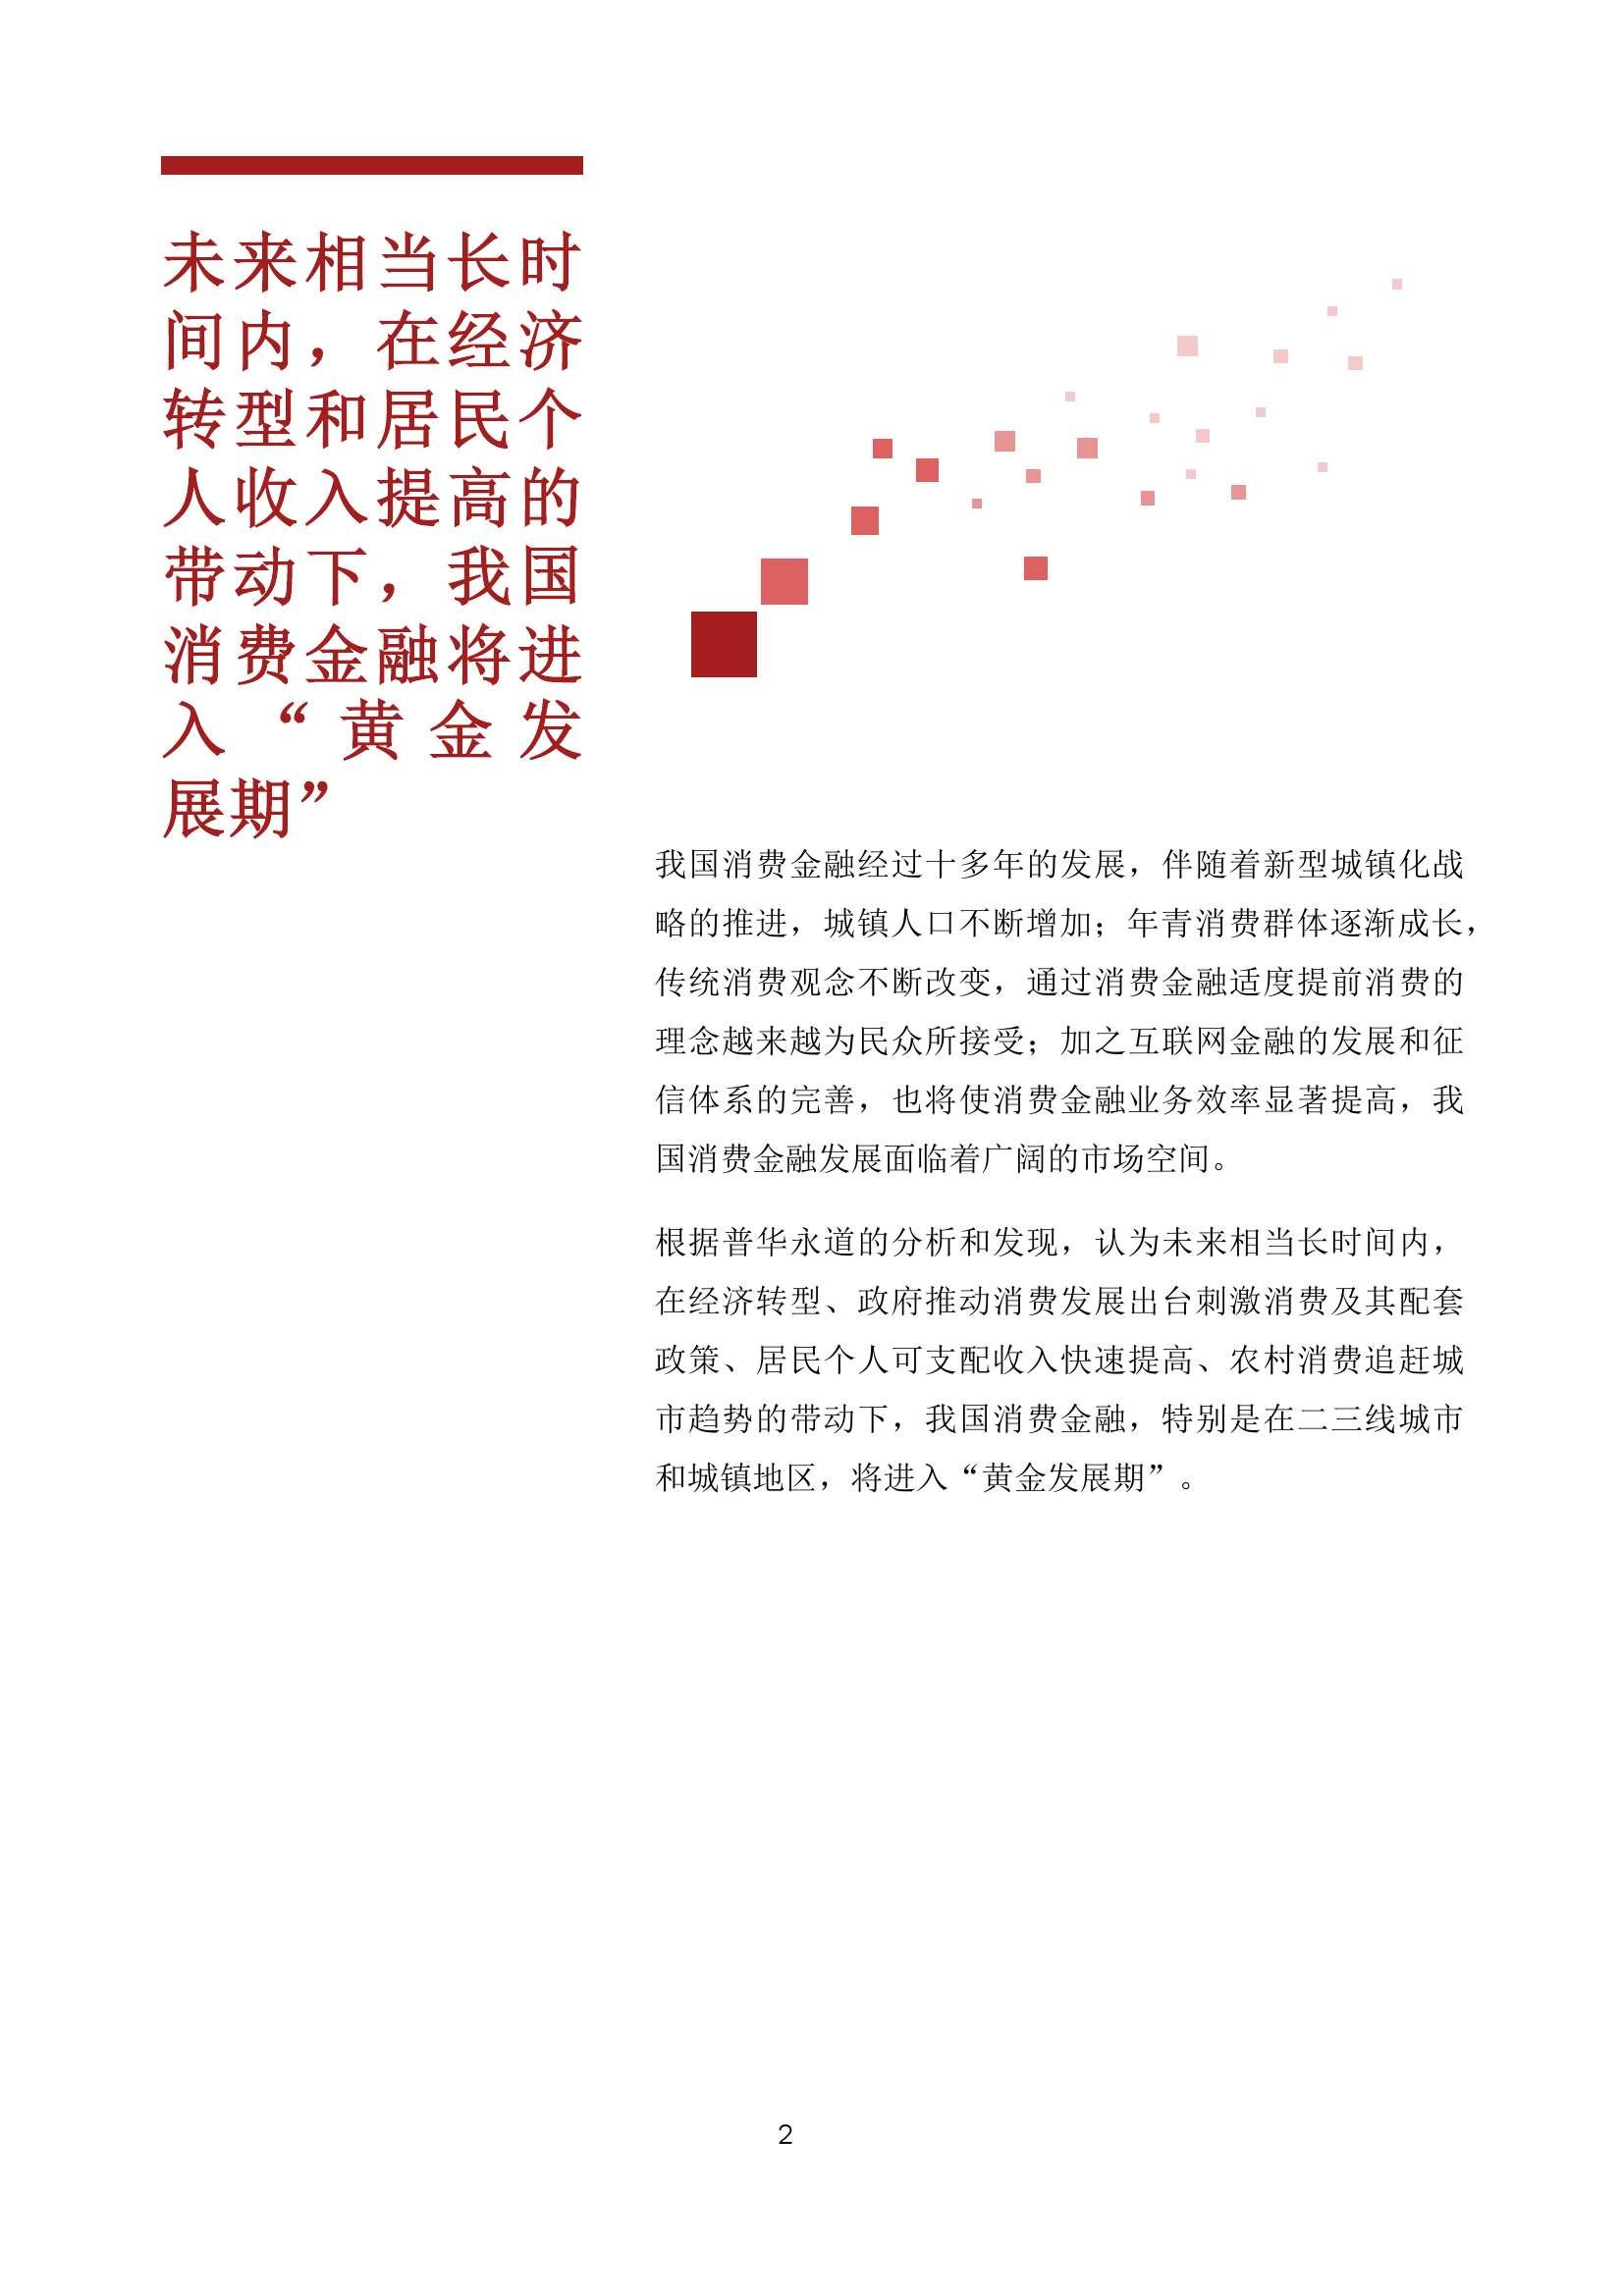 中国零售银行的蓝海_000002